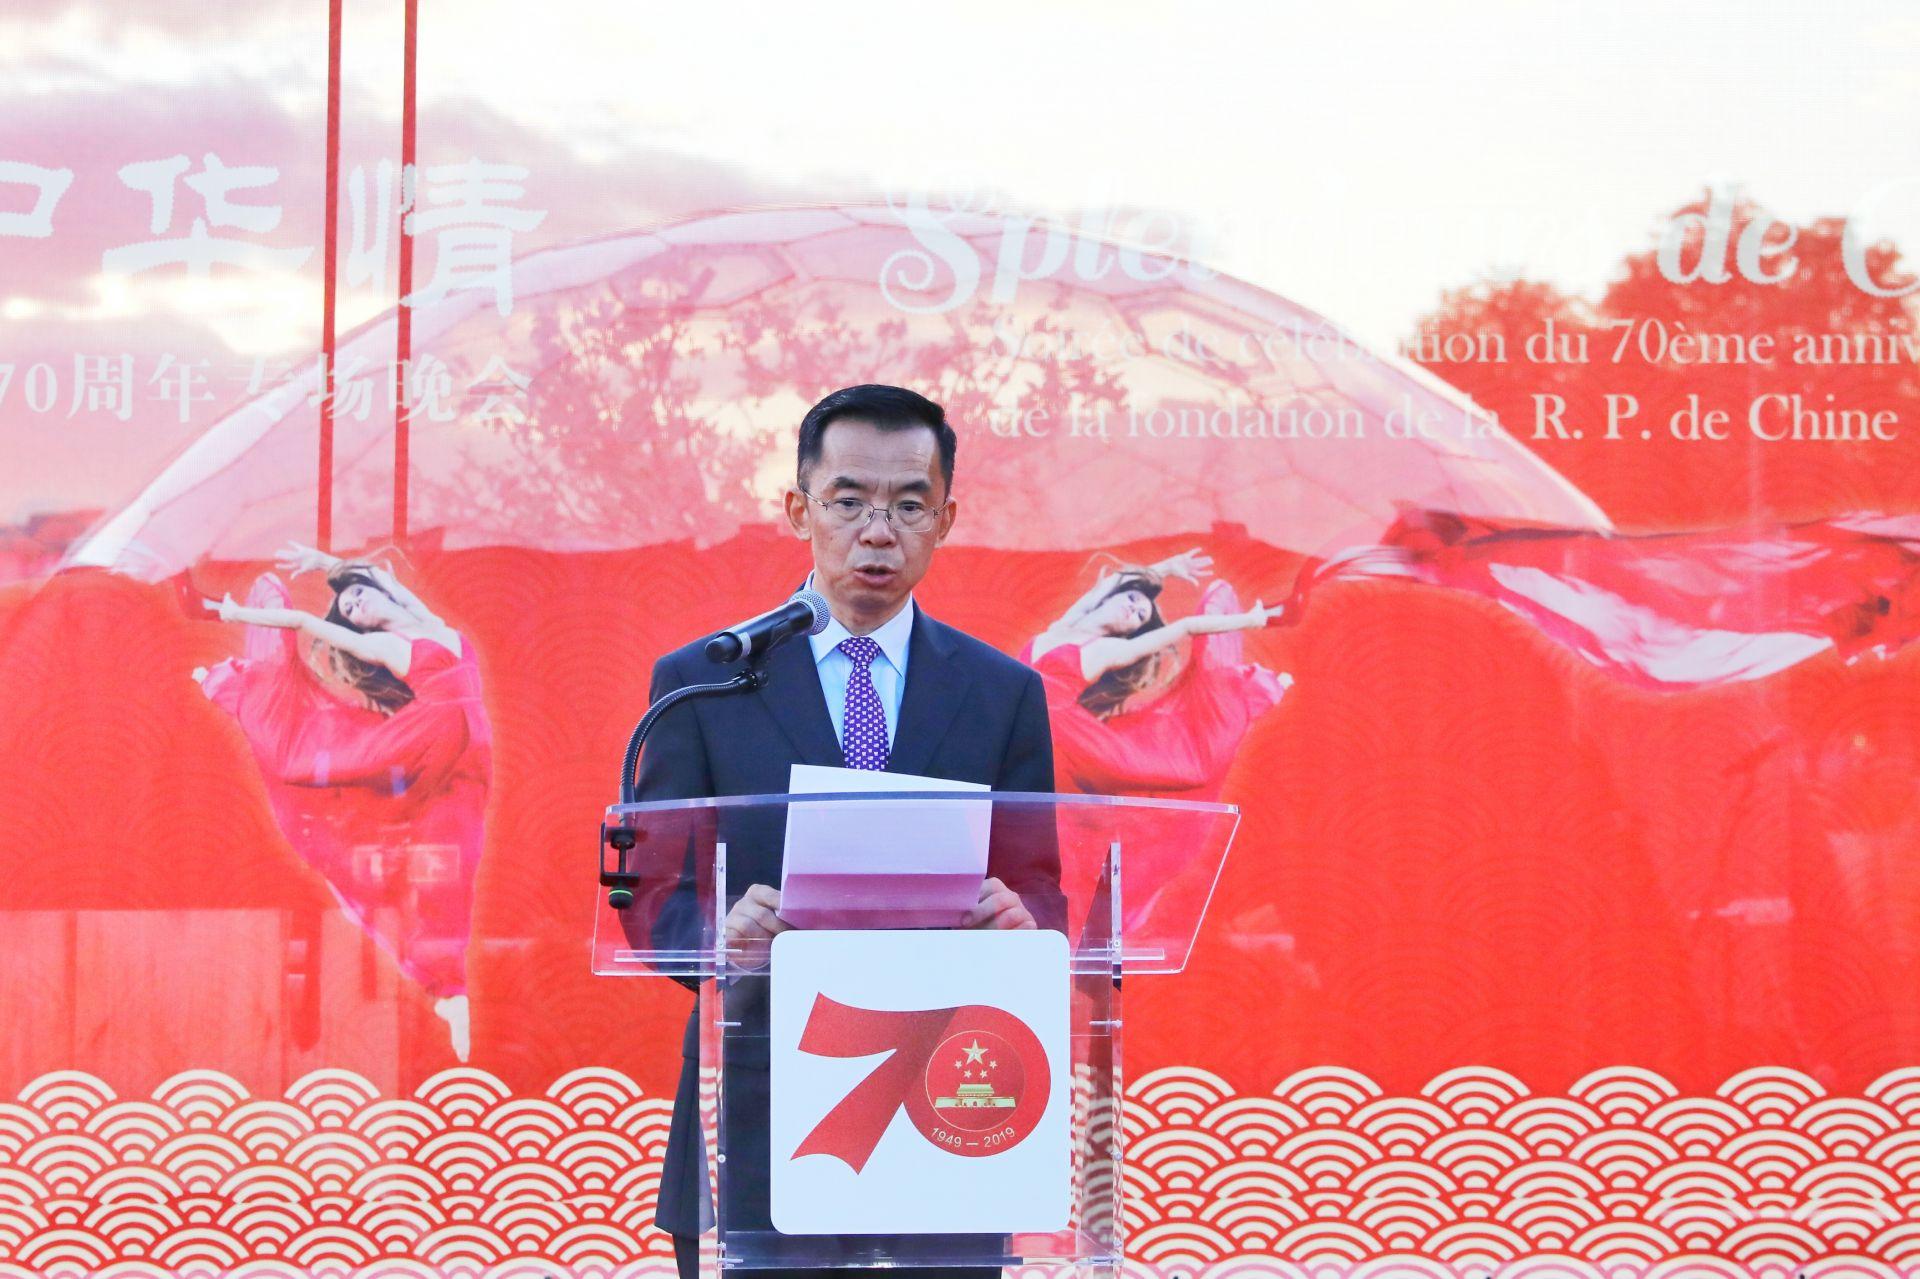 中国驻法大使卢沙野现场致辞(摄影:周义)